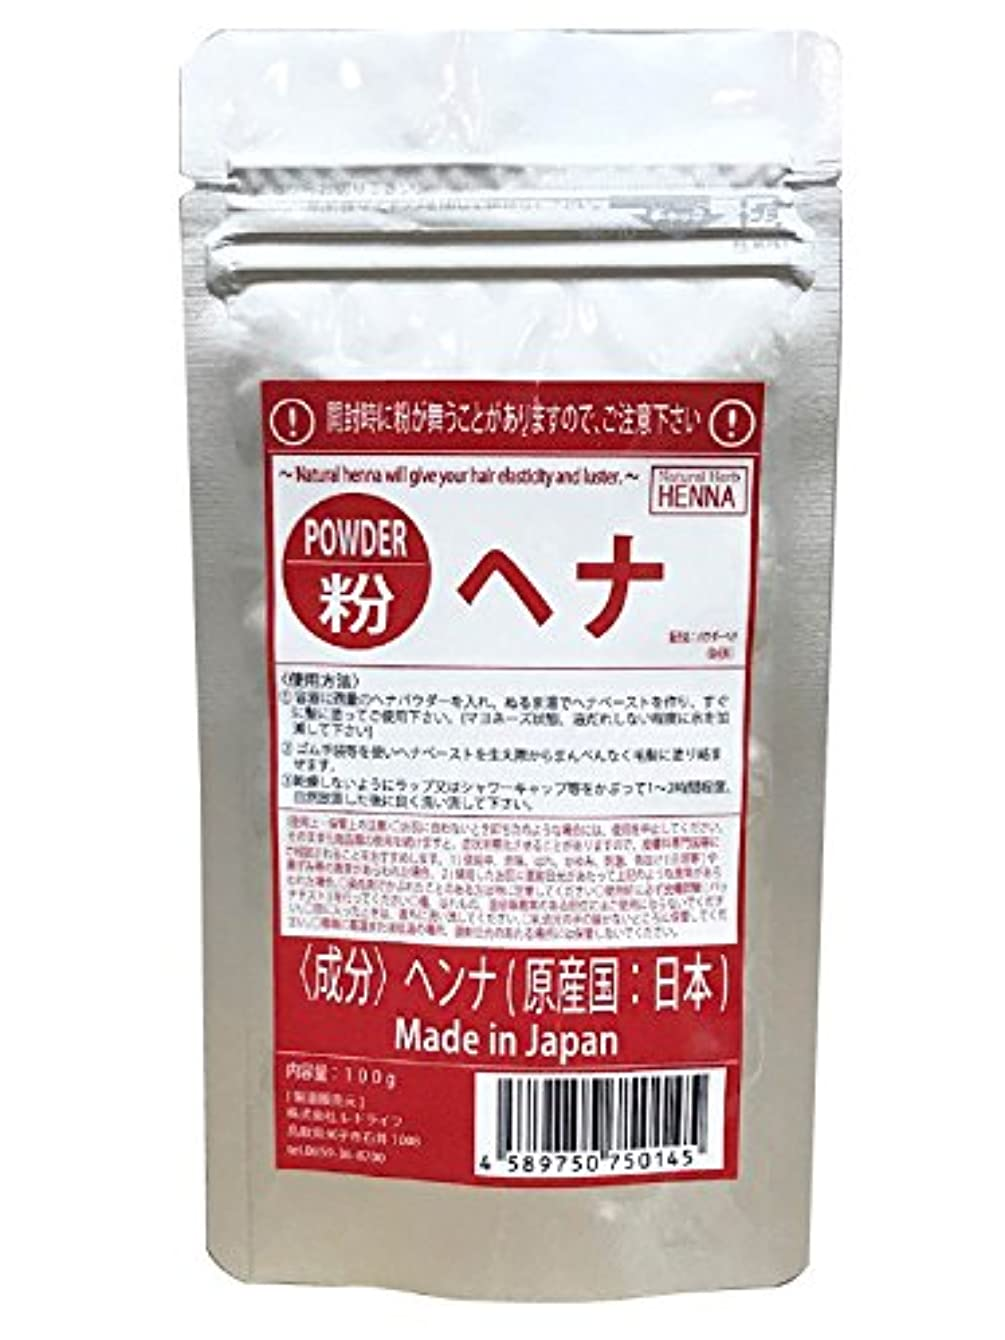 実質的抑止する覆すSarajina パウダーヘナ 日本国産ヘナ 100g